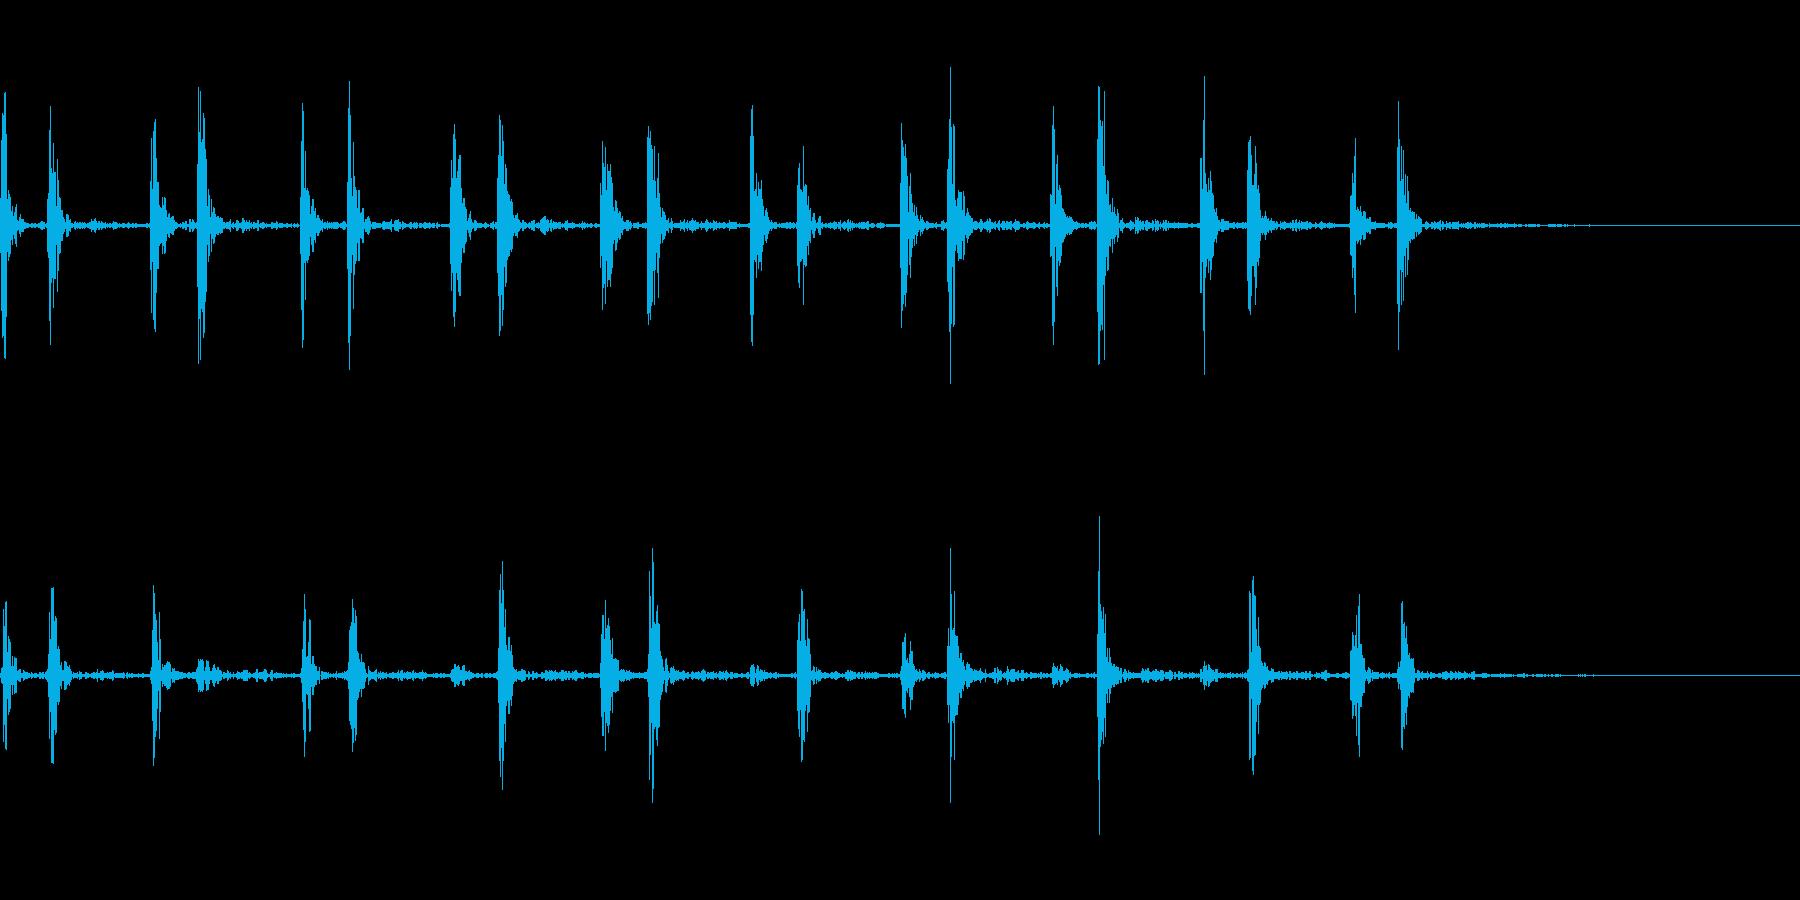 心臓の鼓動の再生済みの波形